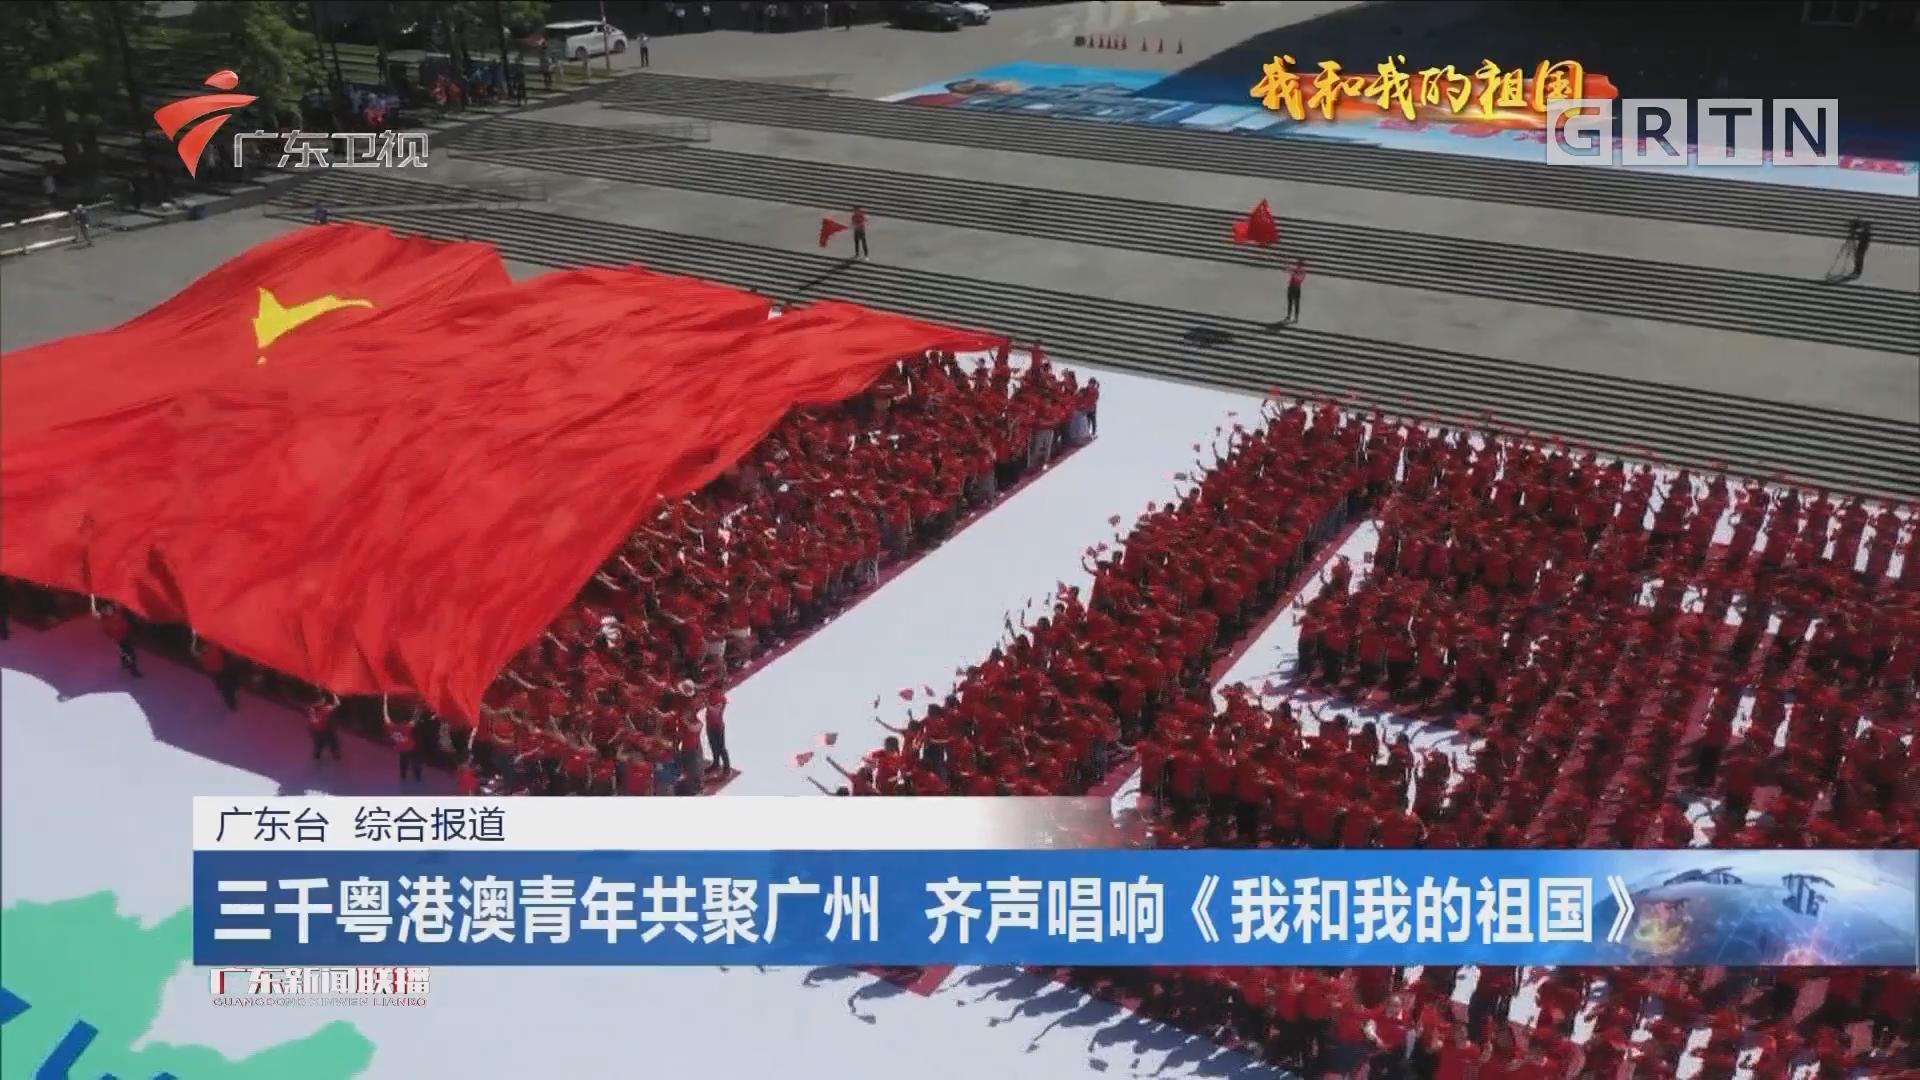 三千粵港澳青年共聚廣州 齊聲唱響《我和我的祖國》